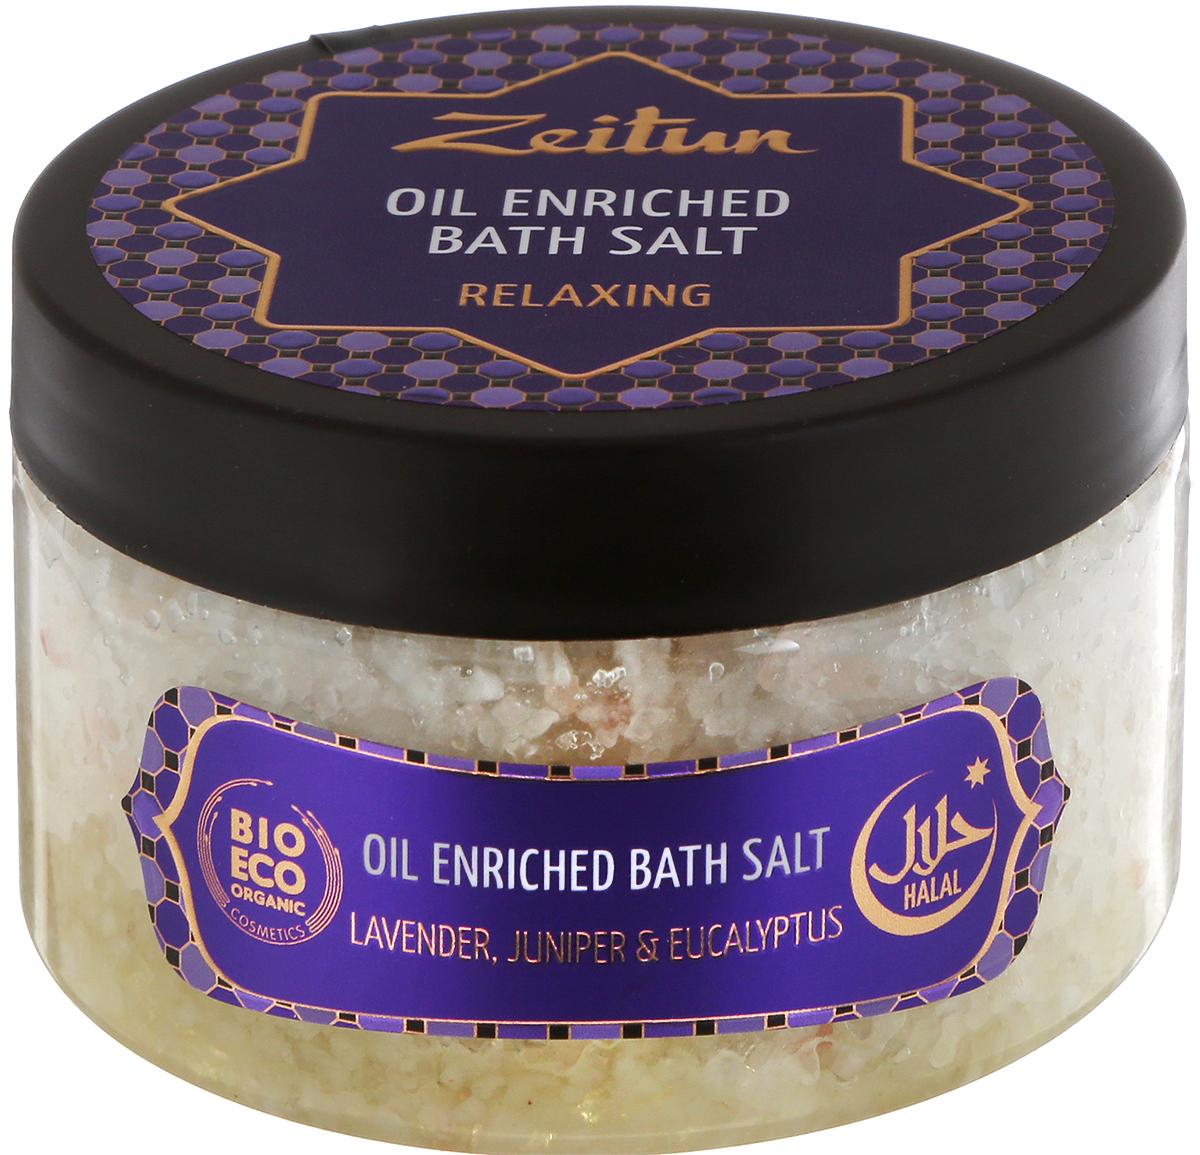 Зейтун Аромасоль для ванны антистресс, 250 мл4751006756410Оставьте все заботы и тревоги за порогом своего дома и погрузитесь в желанное блаженство – ароматную,успокаивающую ванну, полную природной пользы! Антистрессовая ароматическая соль для ванн Zeitun содержит эфирные масла лаванды, можжевельника иэвкалипта, знаменитые своим антистрессовым действием: они бережно успокаивают нервную систему,расслабляют все ваше тело и ум, а также мягко ухаживают за кожей, обновляют ее и обеспечивают глубокоеувлажнение. Основа из солей Мертвого моря и Индийского океана обеспечивает коже самое богатое микроэлементноепитание и оздоровление, а гидрофильные масла оливы и миндаля глубоко увлажняют, полностью впитываясь ине оставляя масляных разводов на воде. В составе соли Мертвого моря и Индийского океана с антистрессовым эффектом – расслабляющие,успокаивающие нервную систему эфирные масла в сочетании с глубоко увлажняющими растительнымимаслами:Эфирные масла лаванды, можжевельника и эвкалипта образуют идеальную композицию-антистресс быстрогодействия, которая моментально снимает напряжение, расслабляет тело и ум, а также дополнительнооздоравливает кожу, укрепляет ее защитные силы и оказывает мощное иммуномодулирующее действие.Соль Мертвого моря – самая настоящая кладезь для здоровья, у которой нет ни единого аналога в мире.Богатая микроэлементами соль поистине волшебно воздействует на общее состояние организма, борется скожными заболеваниями, снимает усталость мышц и суставов.Соль Индийского океана обладает уникальным макро- и микроэлементным составом, который высоко ценится вмедицине и косметологии. Соль способствует активному насыщению клеток практически всем спектромнеобходимых веществ, программирует кожу на правильное усвоение и распределение энергии, препятствуянакапливанию жировых отложений.Гидрофильные масла (оливковое, миндальное) проходят высокоэкологичную обработку, благодаря которой онирастворяются в воде, насыщая ее витаминами и микроэлементами, при этом не оставляя разводов